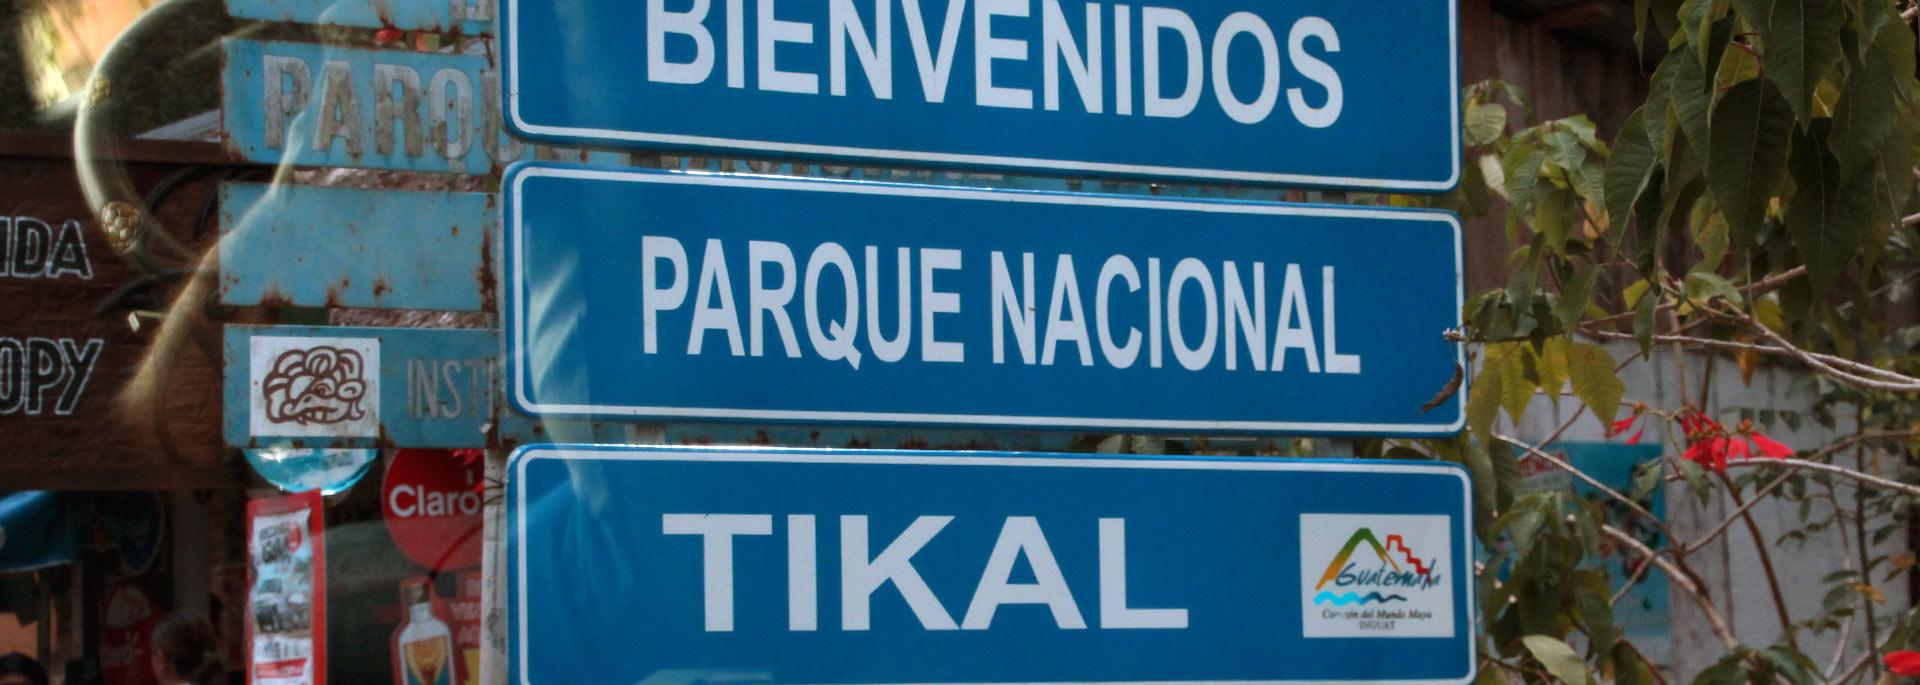 Aufbruch nach Tikal, Guatemalas wichtigster Maya-Stadt